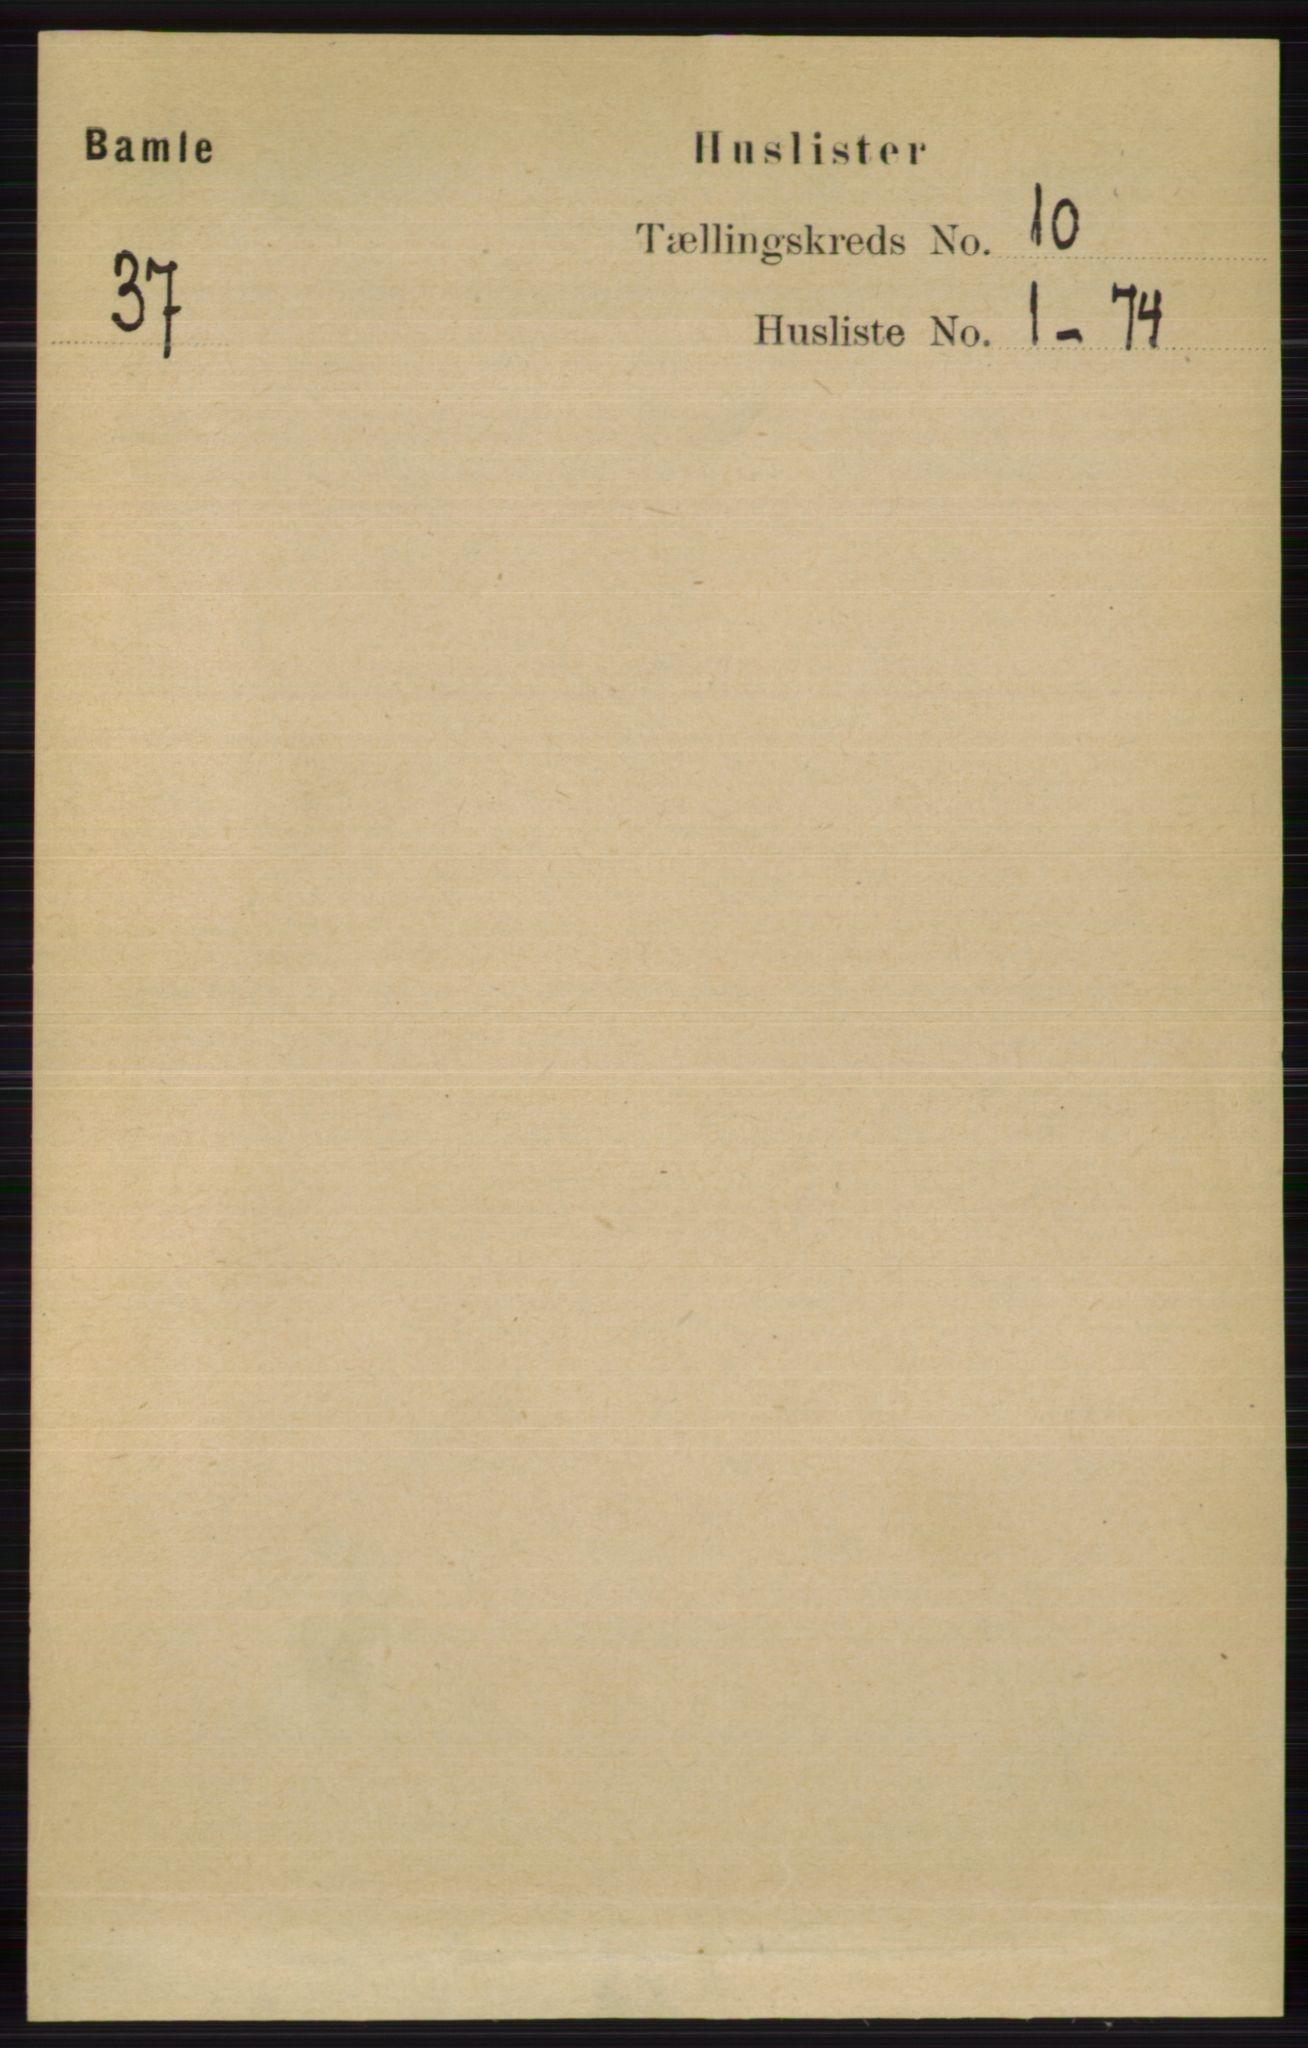 RA, Folketelling 1891 for 0814 Bamble herred, 1891, s. 5702